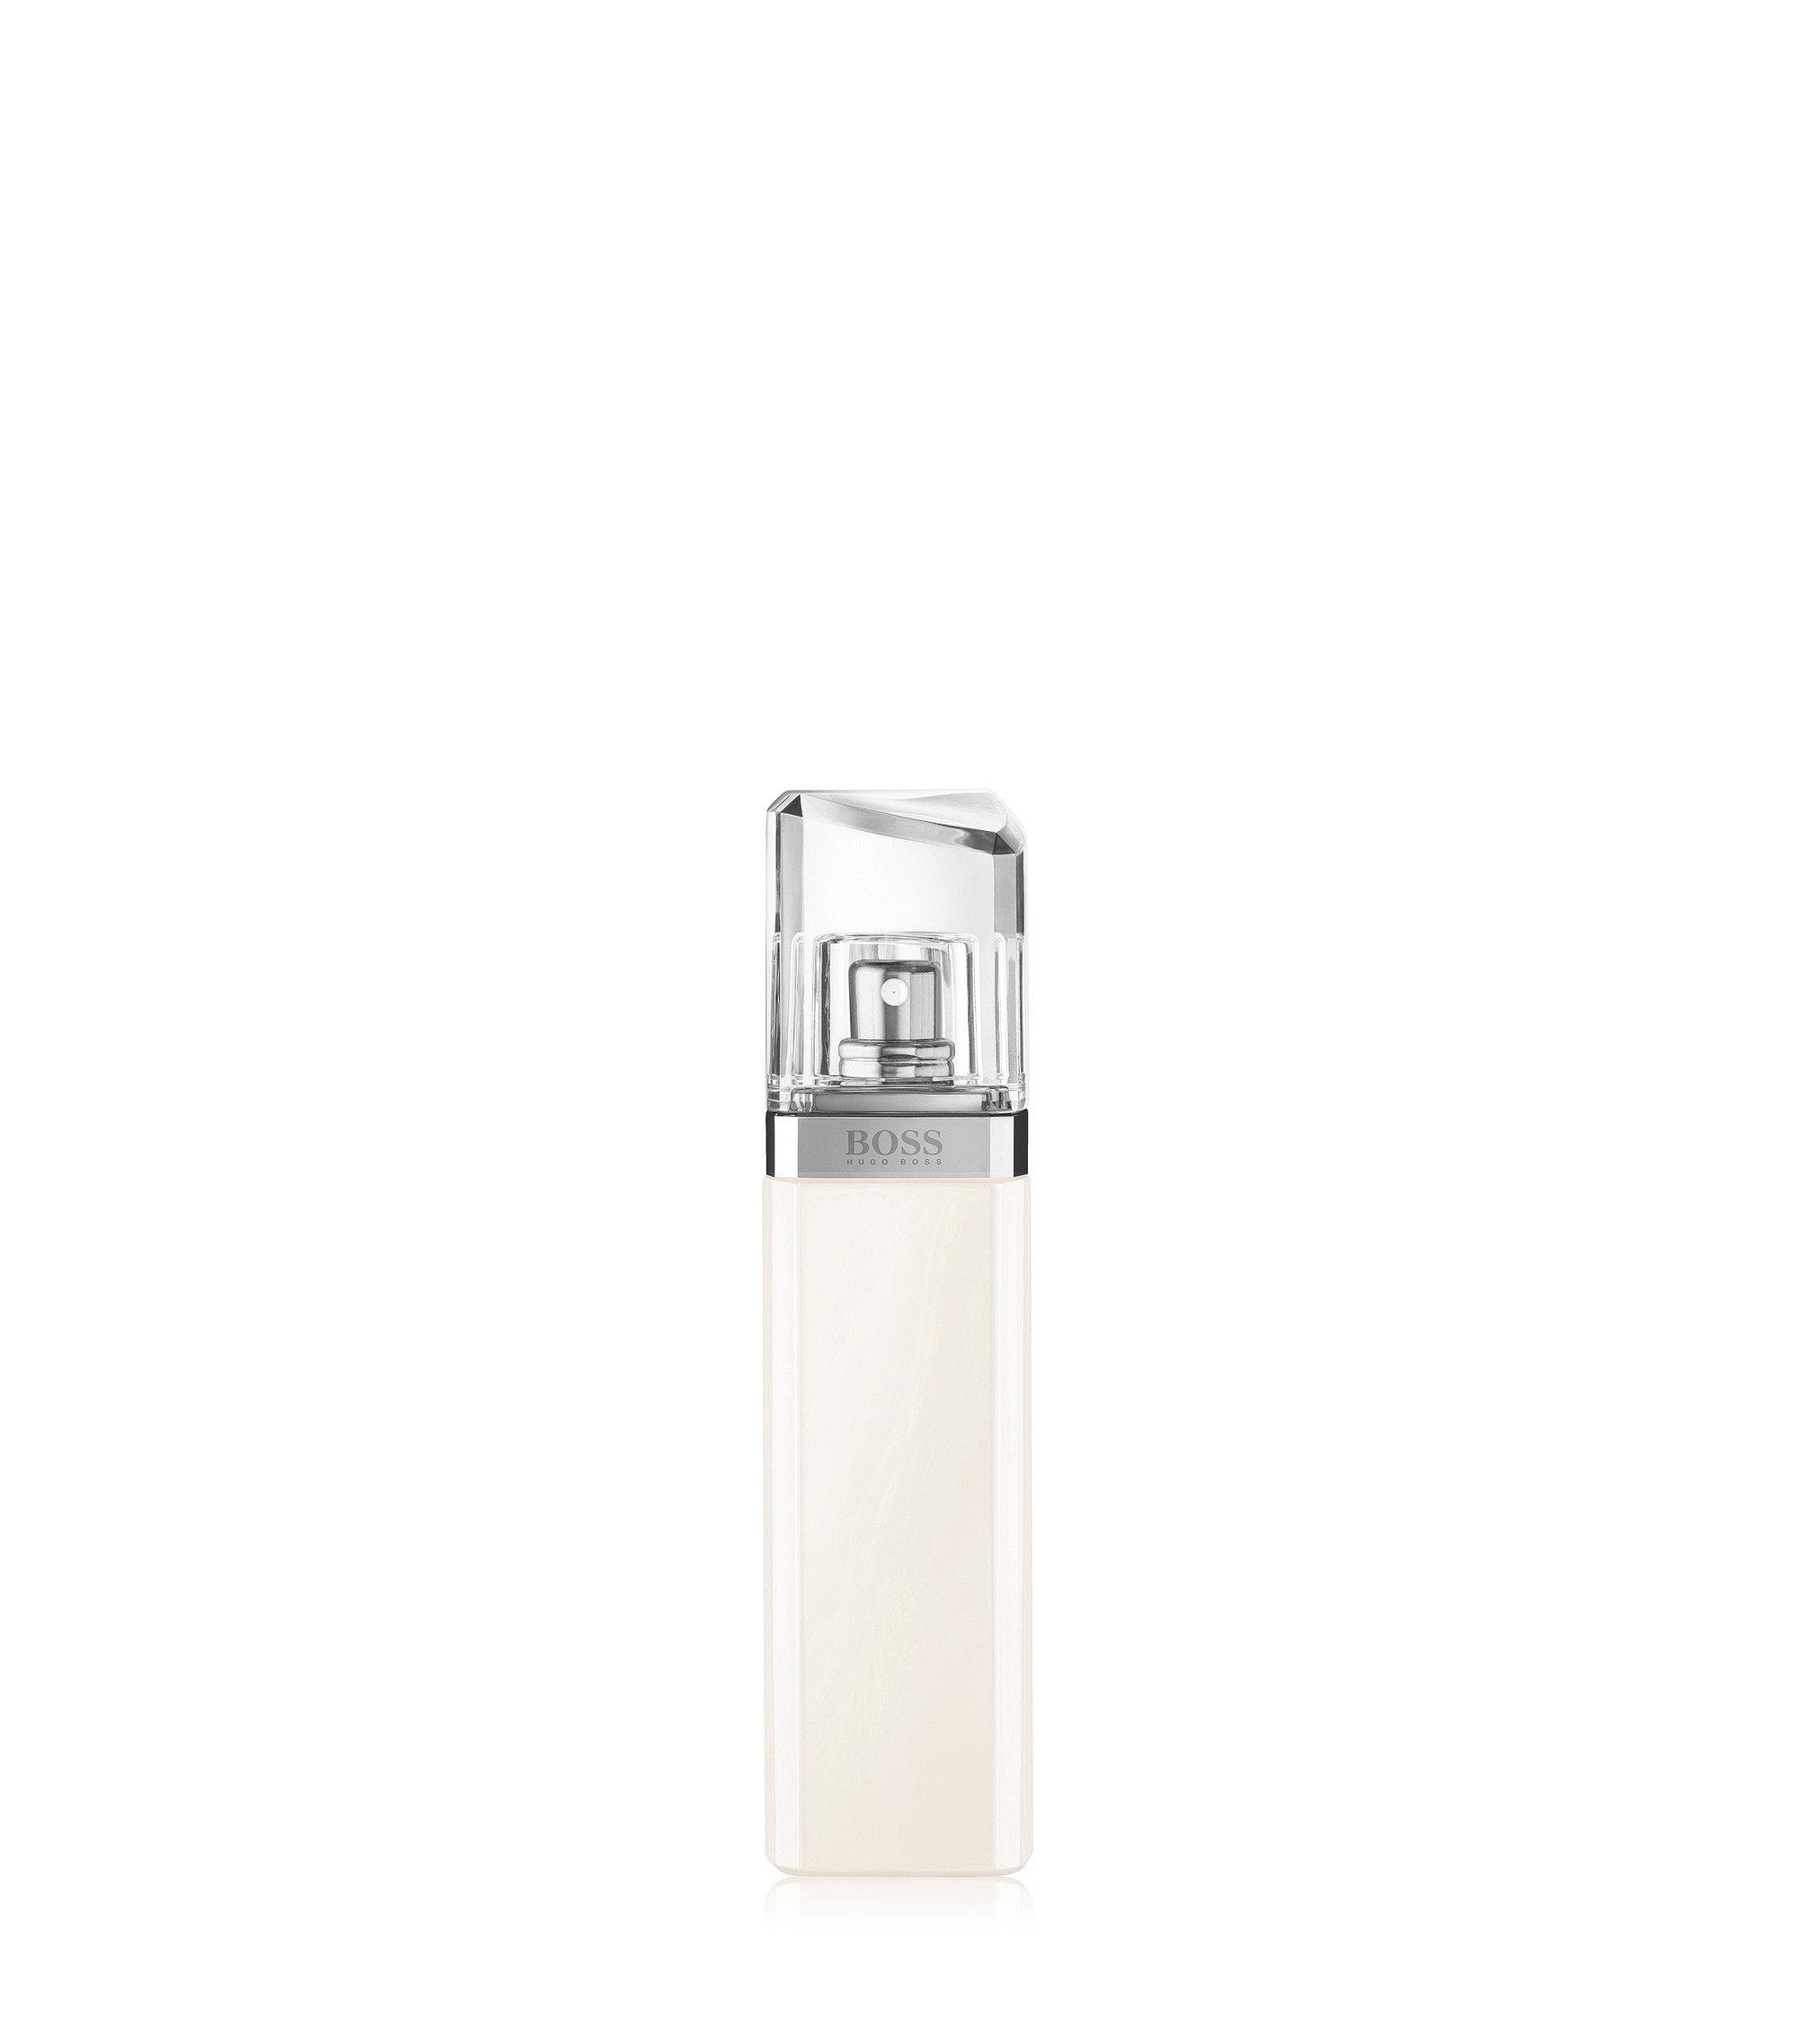 Eau de Parfum 'BOSS Jour Lumineuse' 50ml, Assorted-Pre-Pack